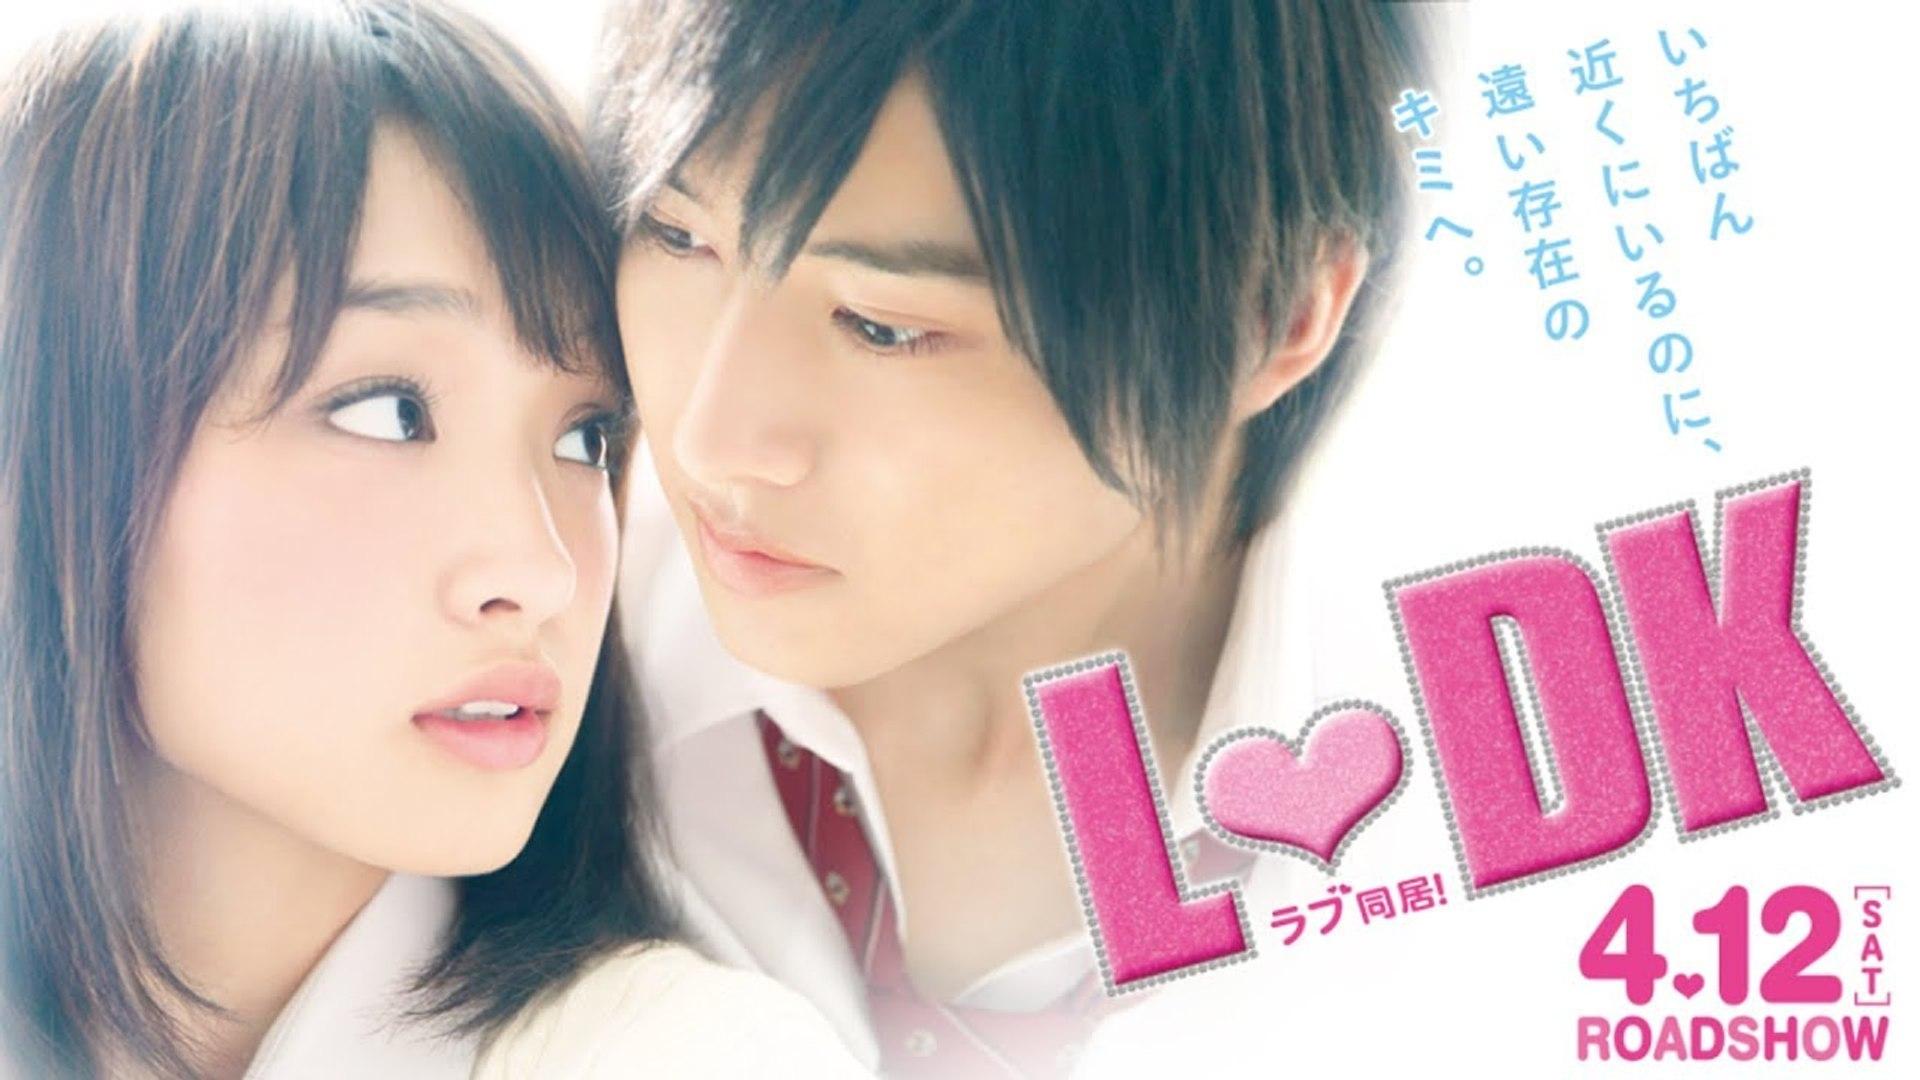 恋愛 映画 フル 2019